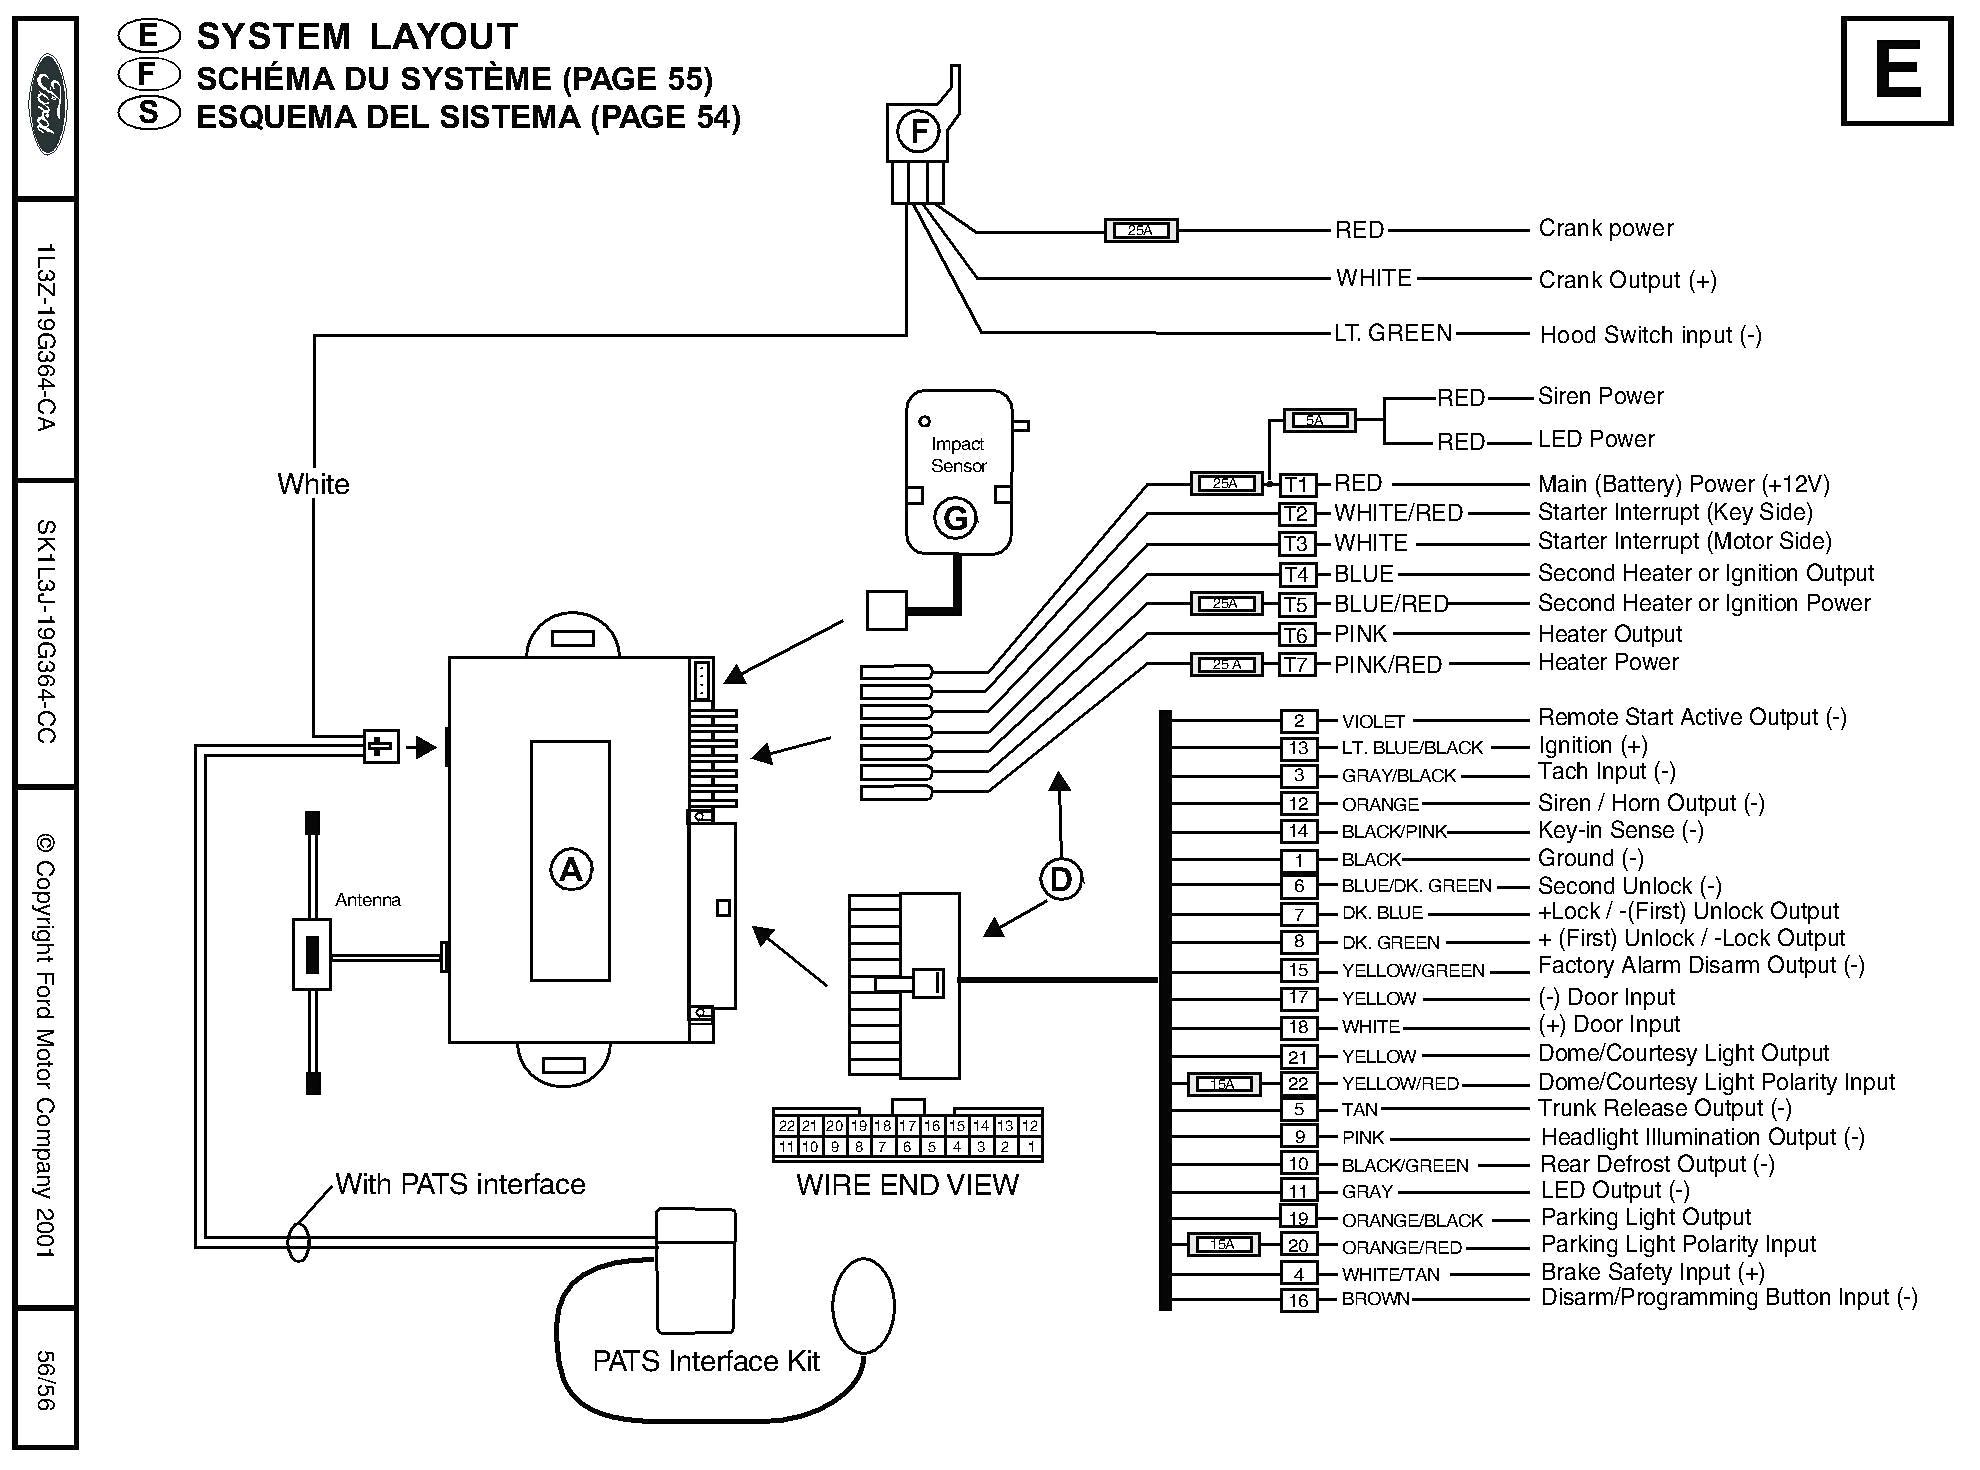 Chevy Impala Wiring Diagram Additionally 1989 Volvo 740 Turbo Engine